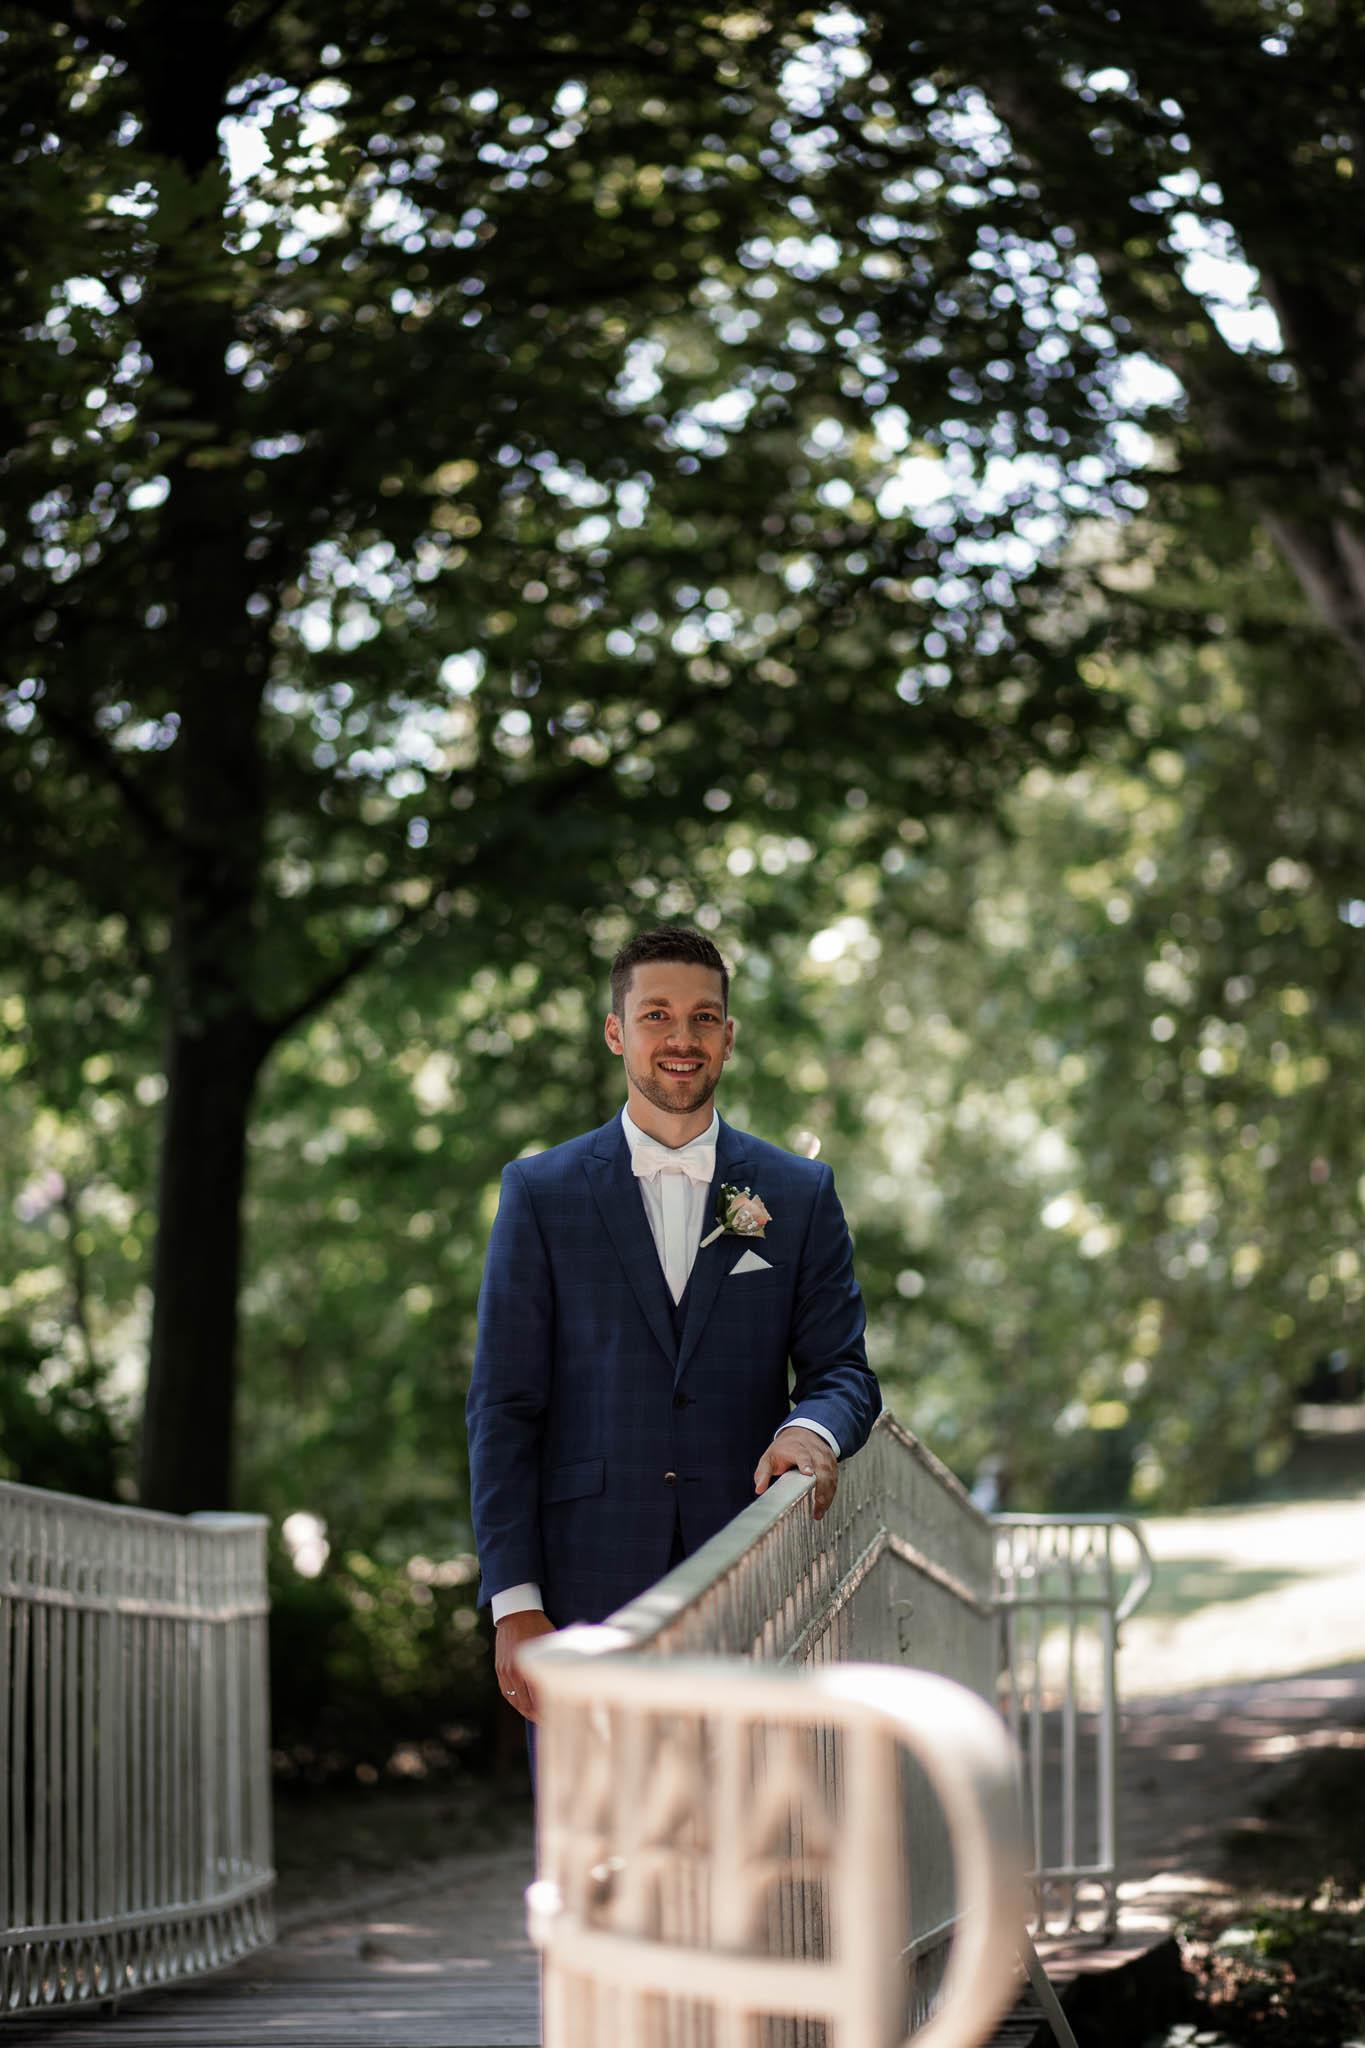 Hochzeitsfotograf Gundheim 4